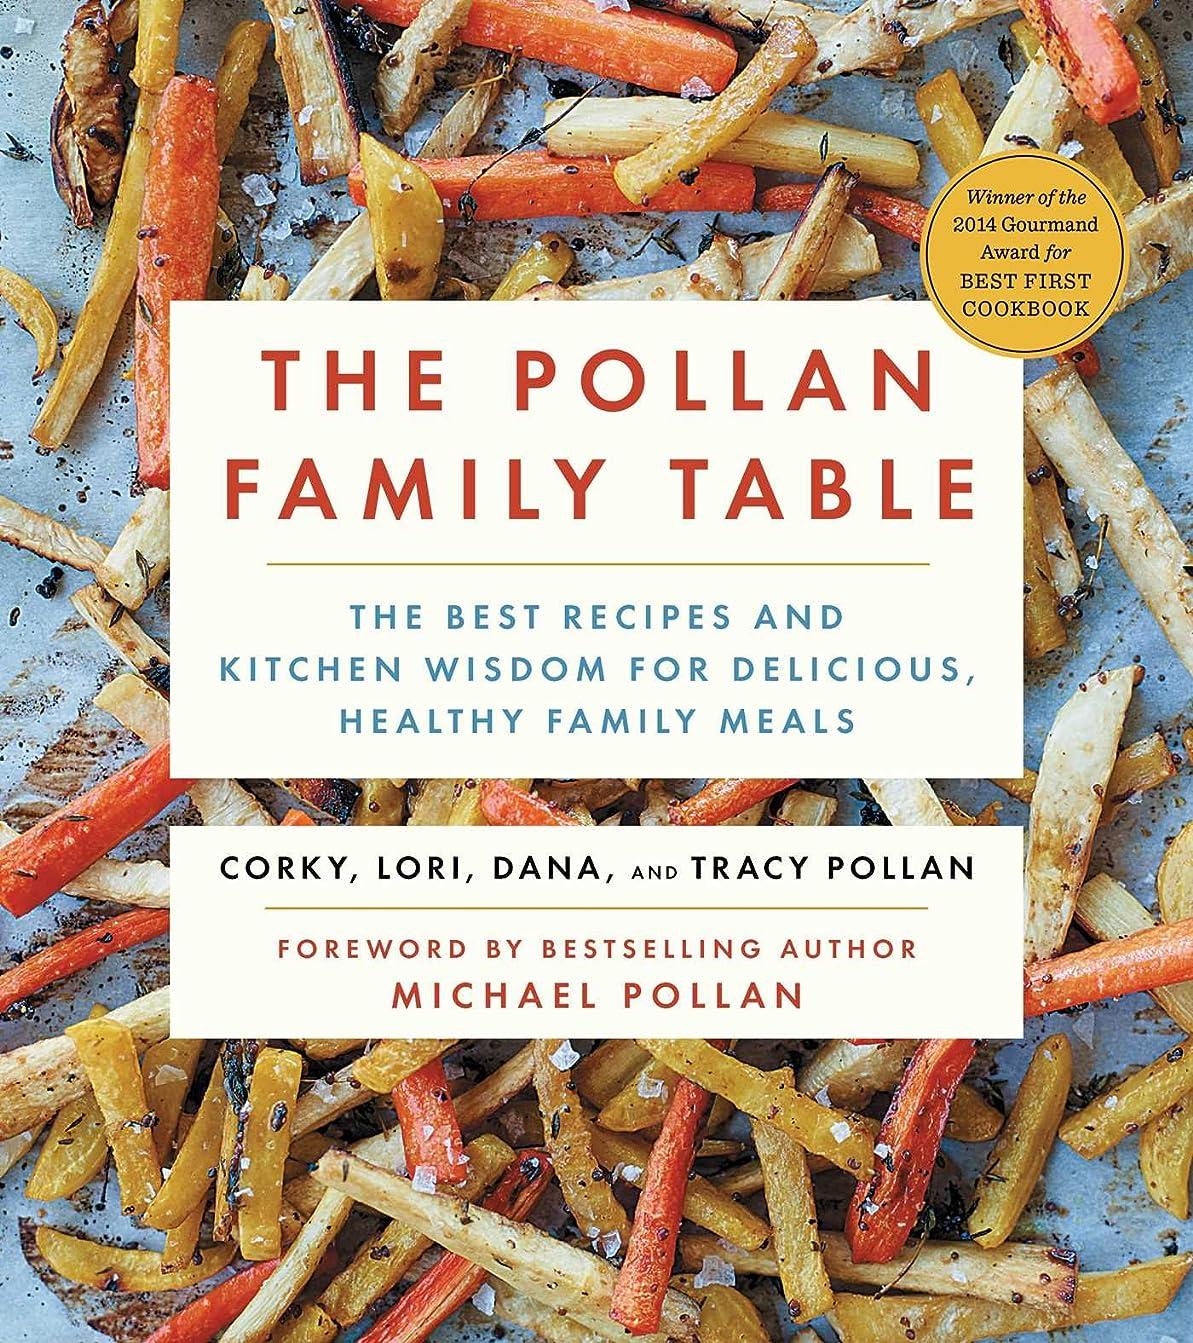 光海軍ロールThe Pollan Family Table: The Very Best Recipes and Kitchen Wisdom for Delicious Family Meals (English Edition)